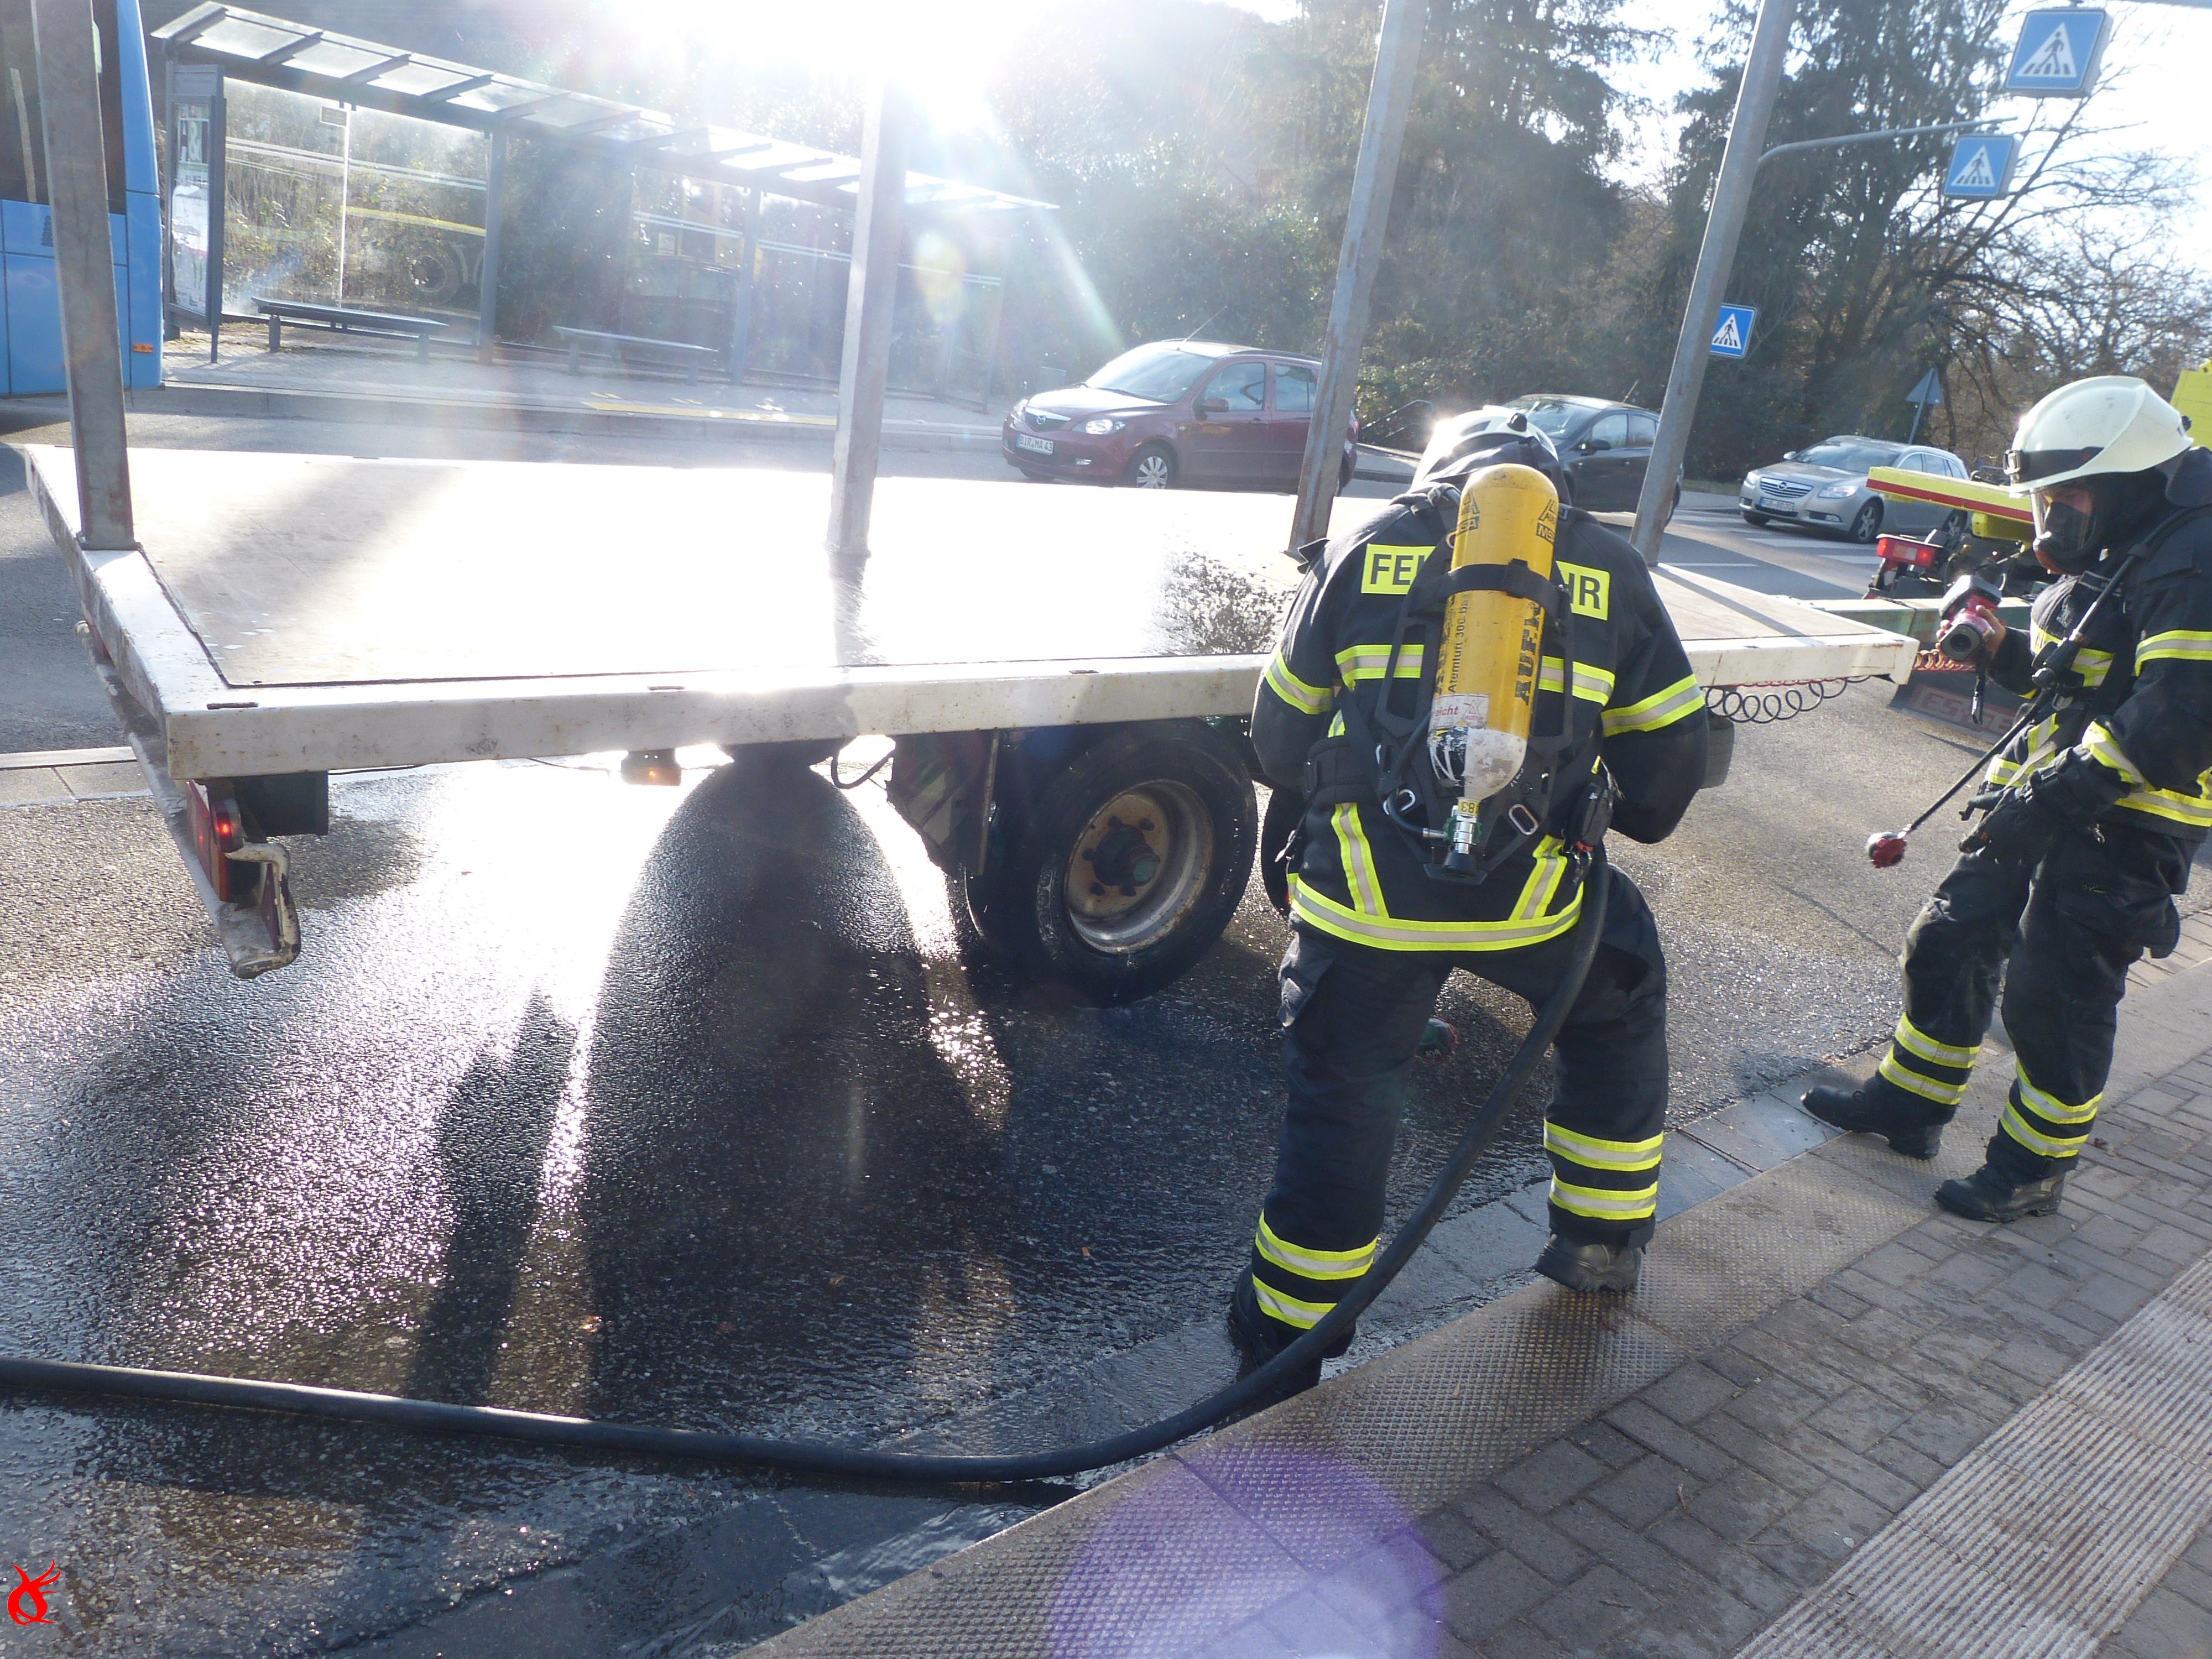 B2 - Brandeinsatz - Mittelbrand